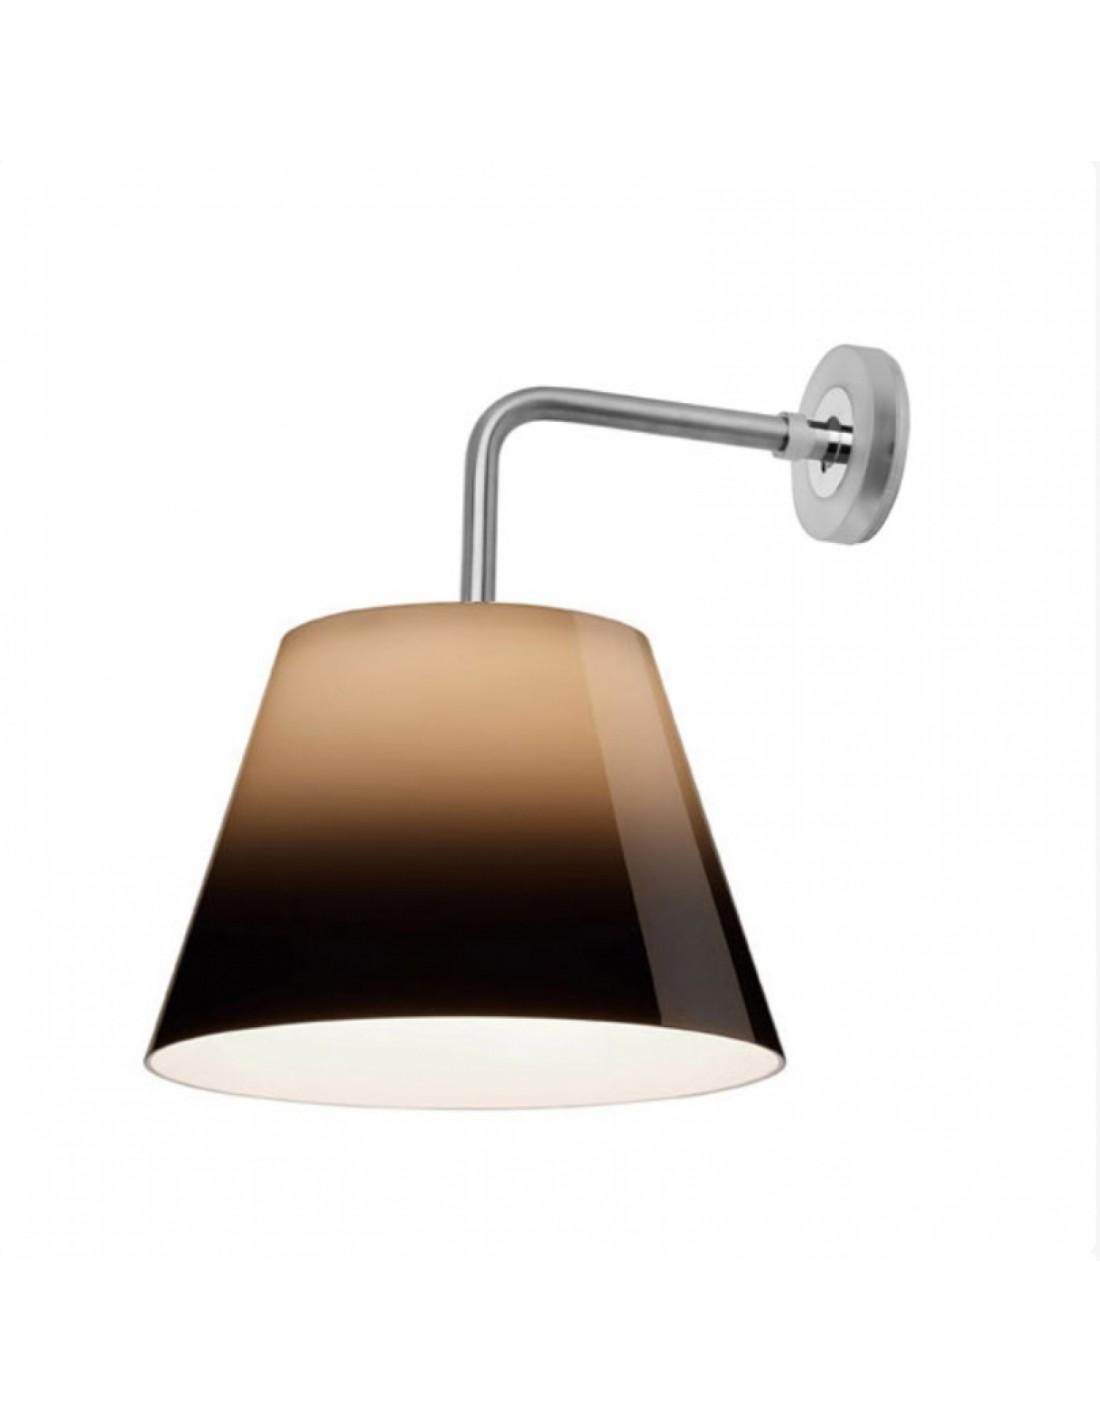 Applique Flos Romeo Outdoor W de couleur Titane du designer Philippe Starck pour la marque Flos - Valente Design